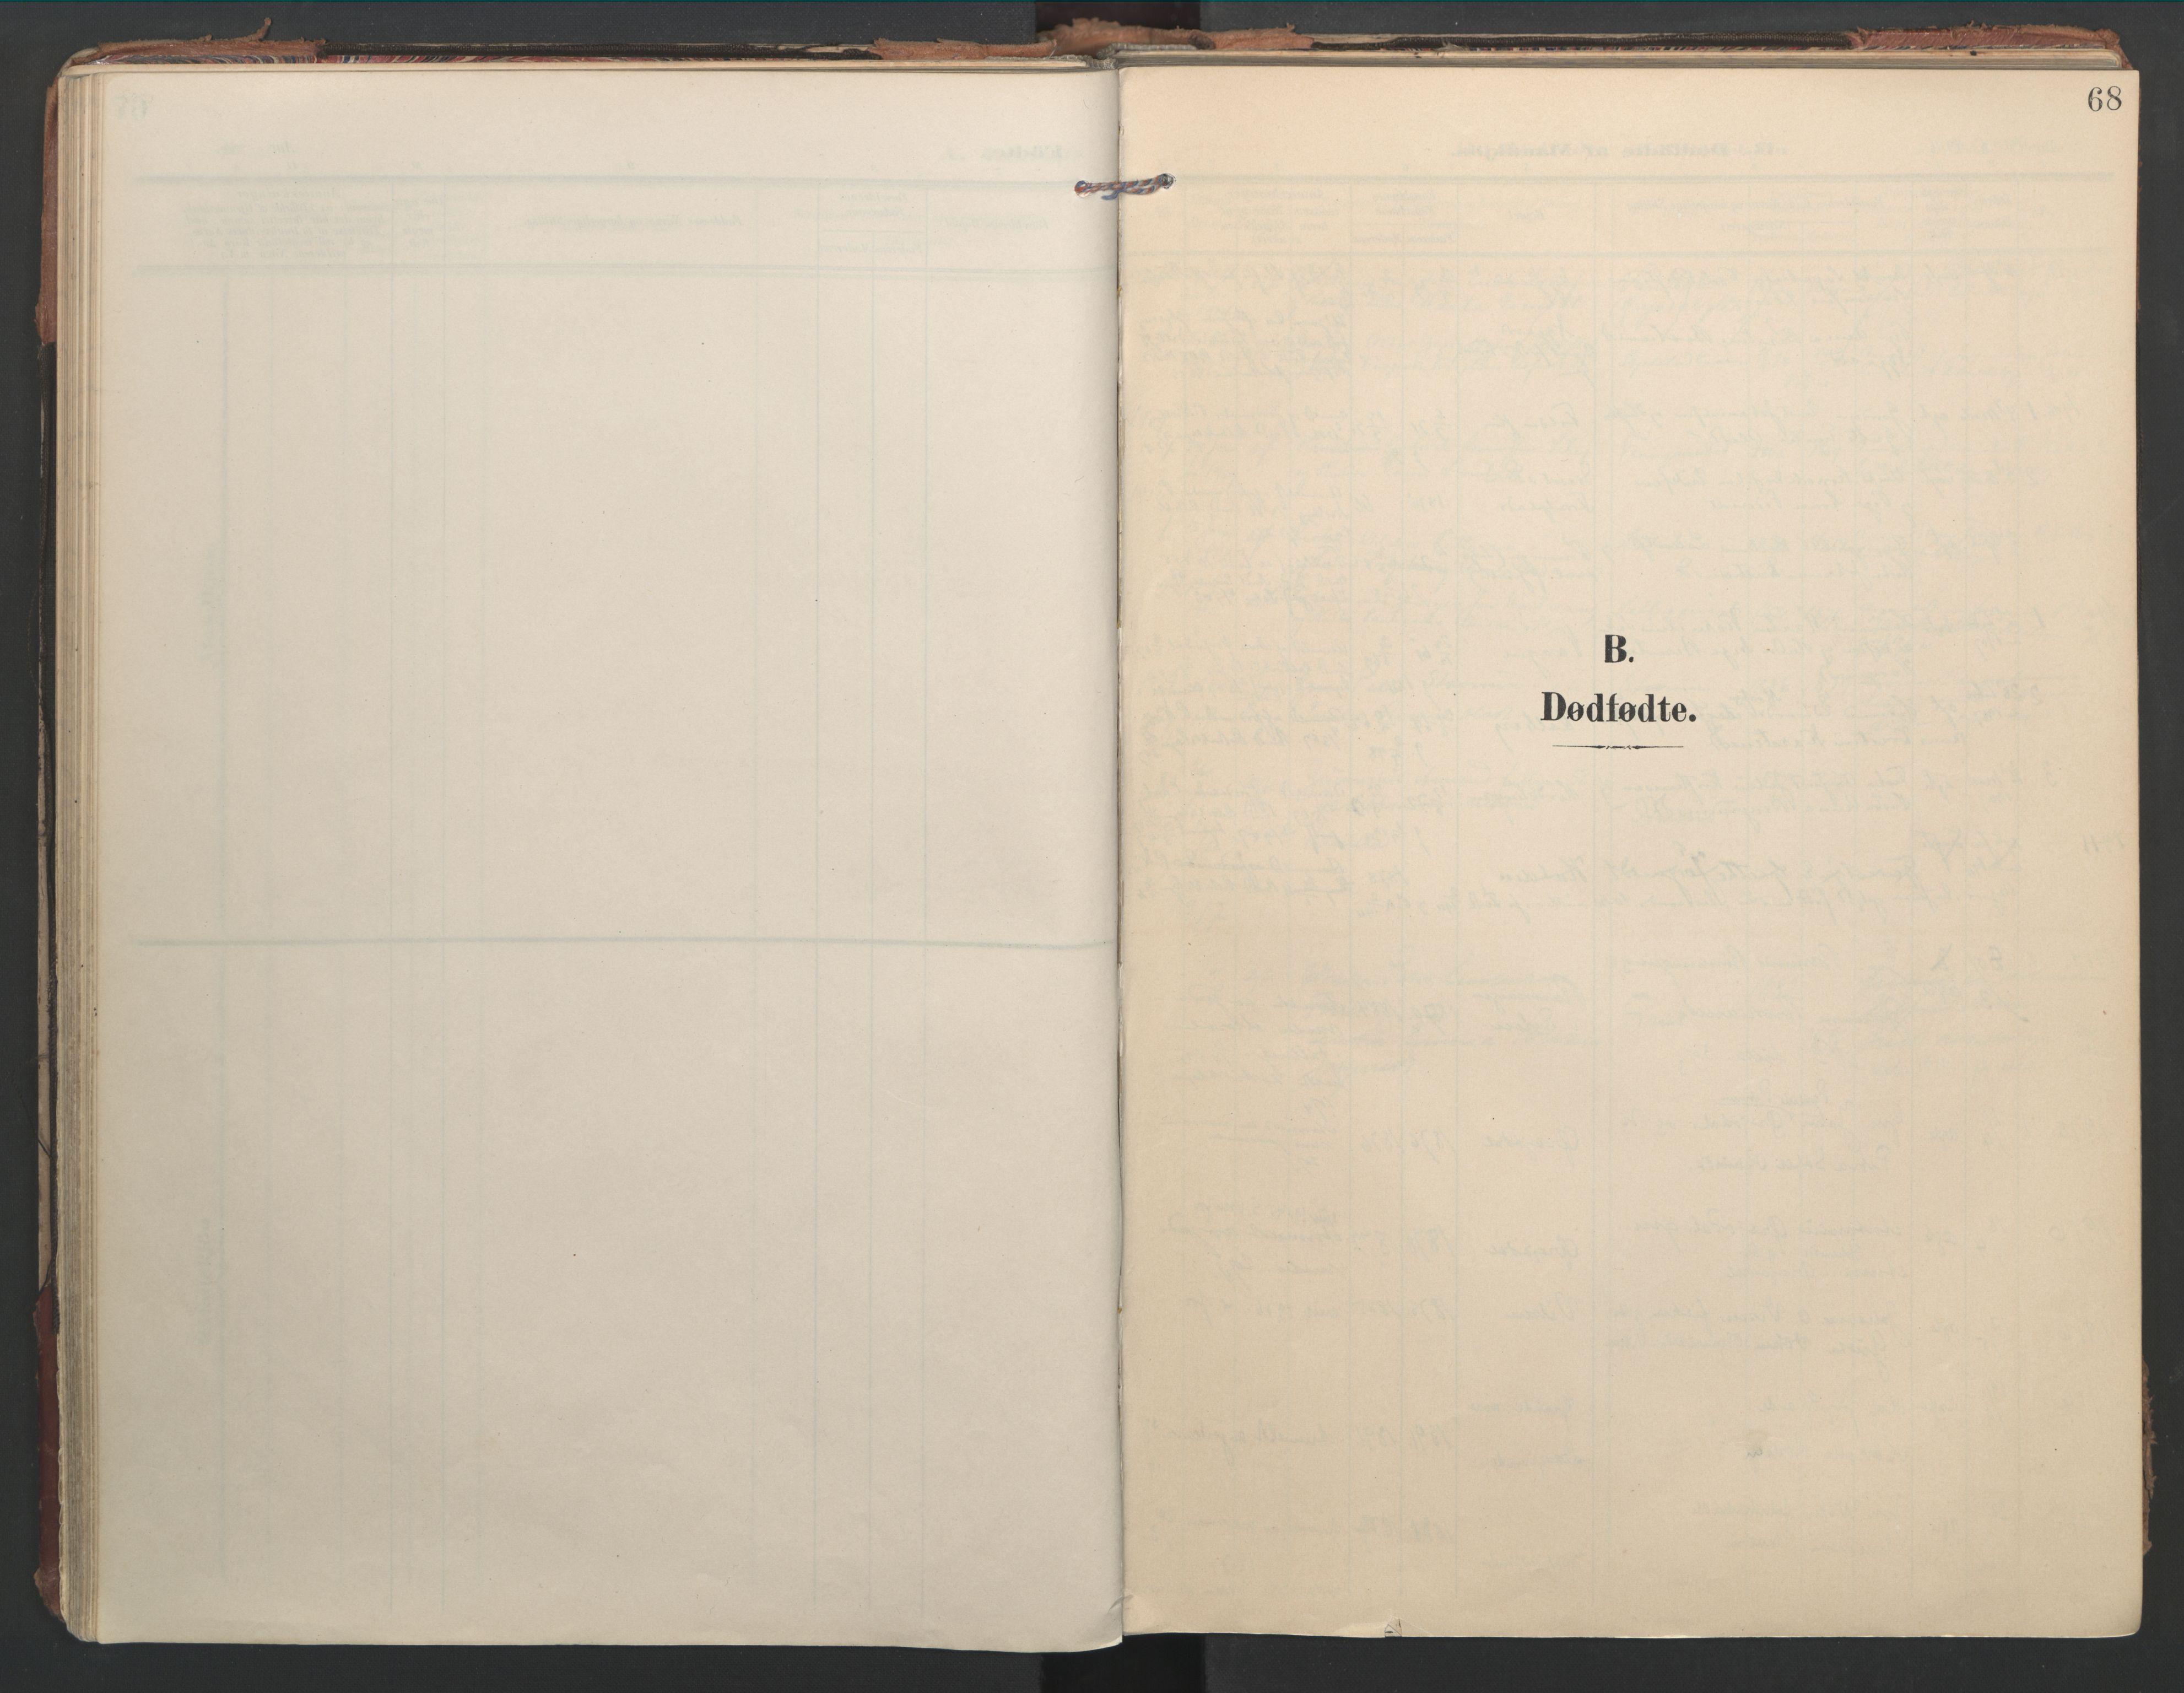 SAT, Ministerialprotokoller, klokkerbøker og fødselsregistre - Nord-Trøndelag, 744/L0421: Ministerialbok nr. 744A05, 1905-1930, s. 68